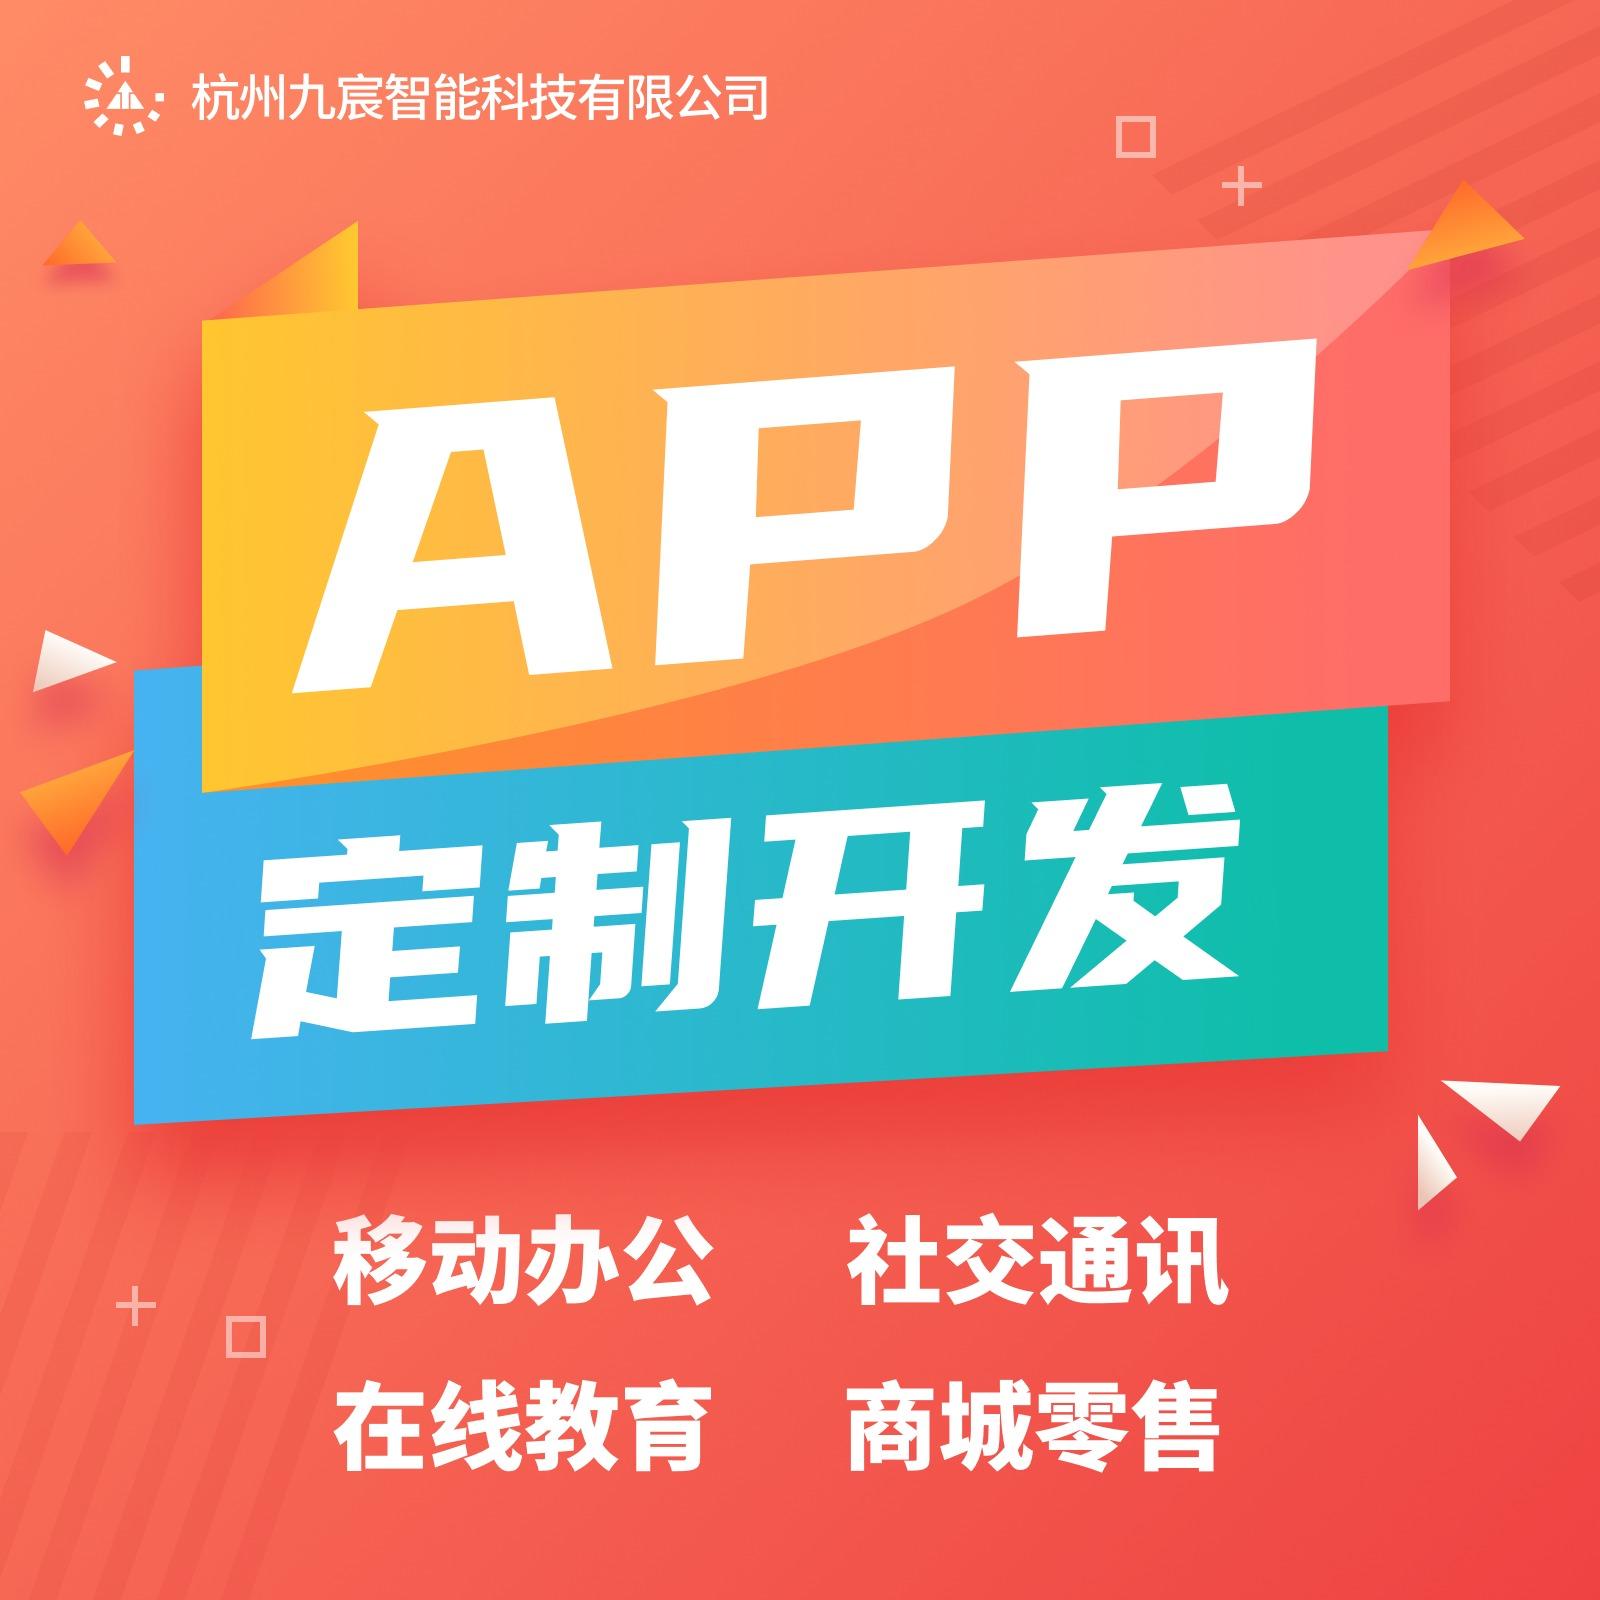 智慧社区APP|手机开门|智能快递柜|APP开发|APP定制